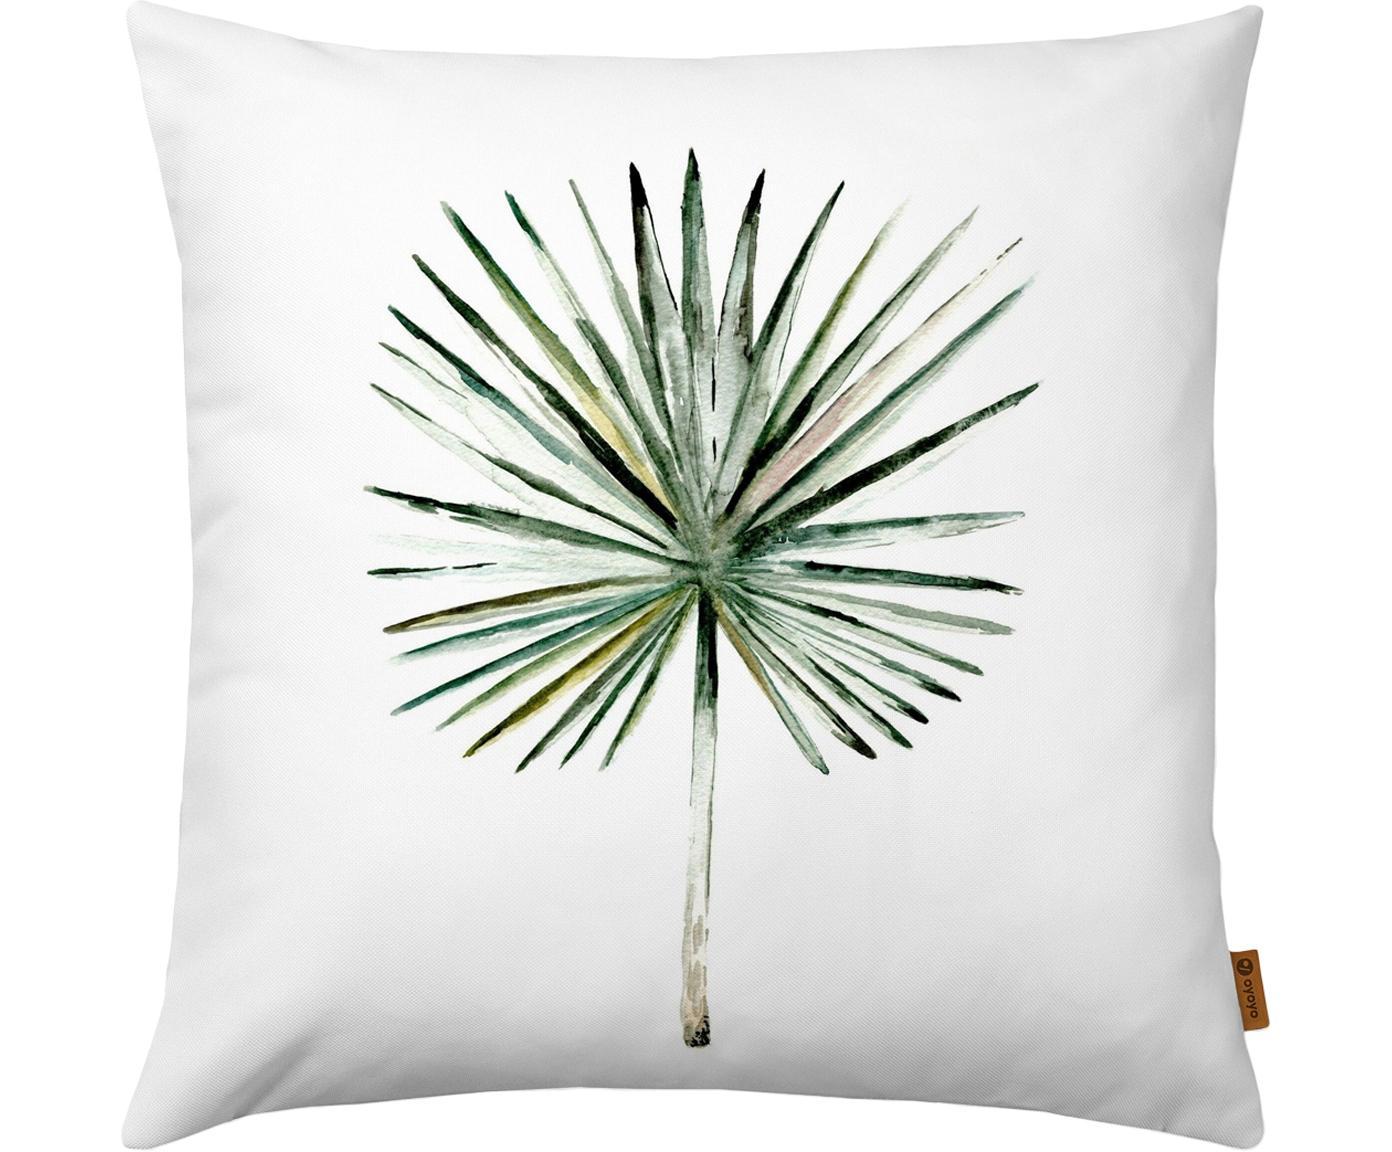 Kissenhülle Fan mit Palmenzweig, 100% Polyester, Weiß, Grüntöne, 40 x 40 cm